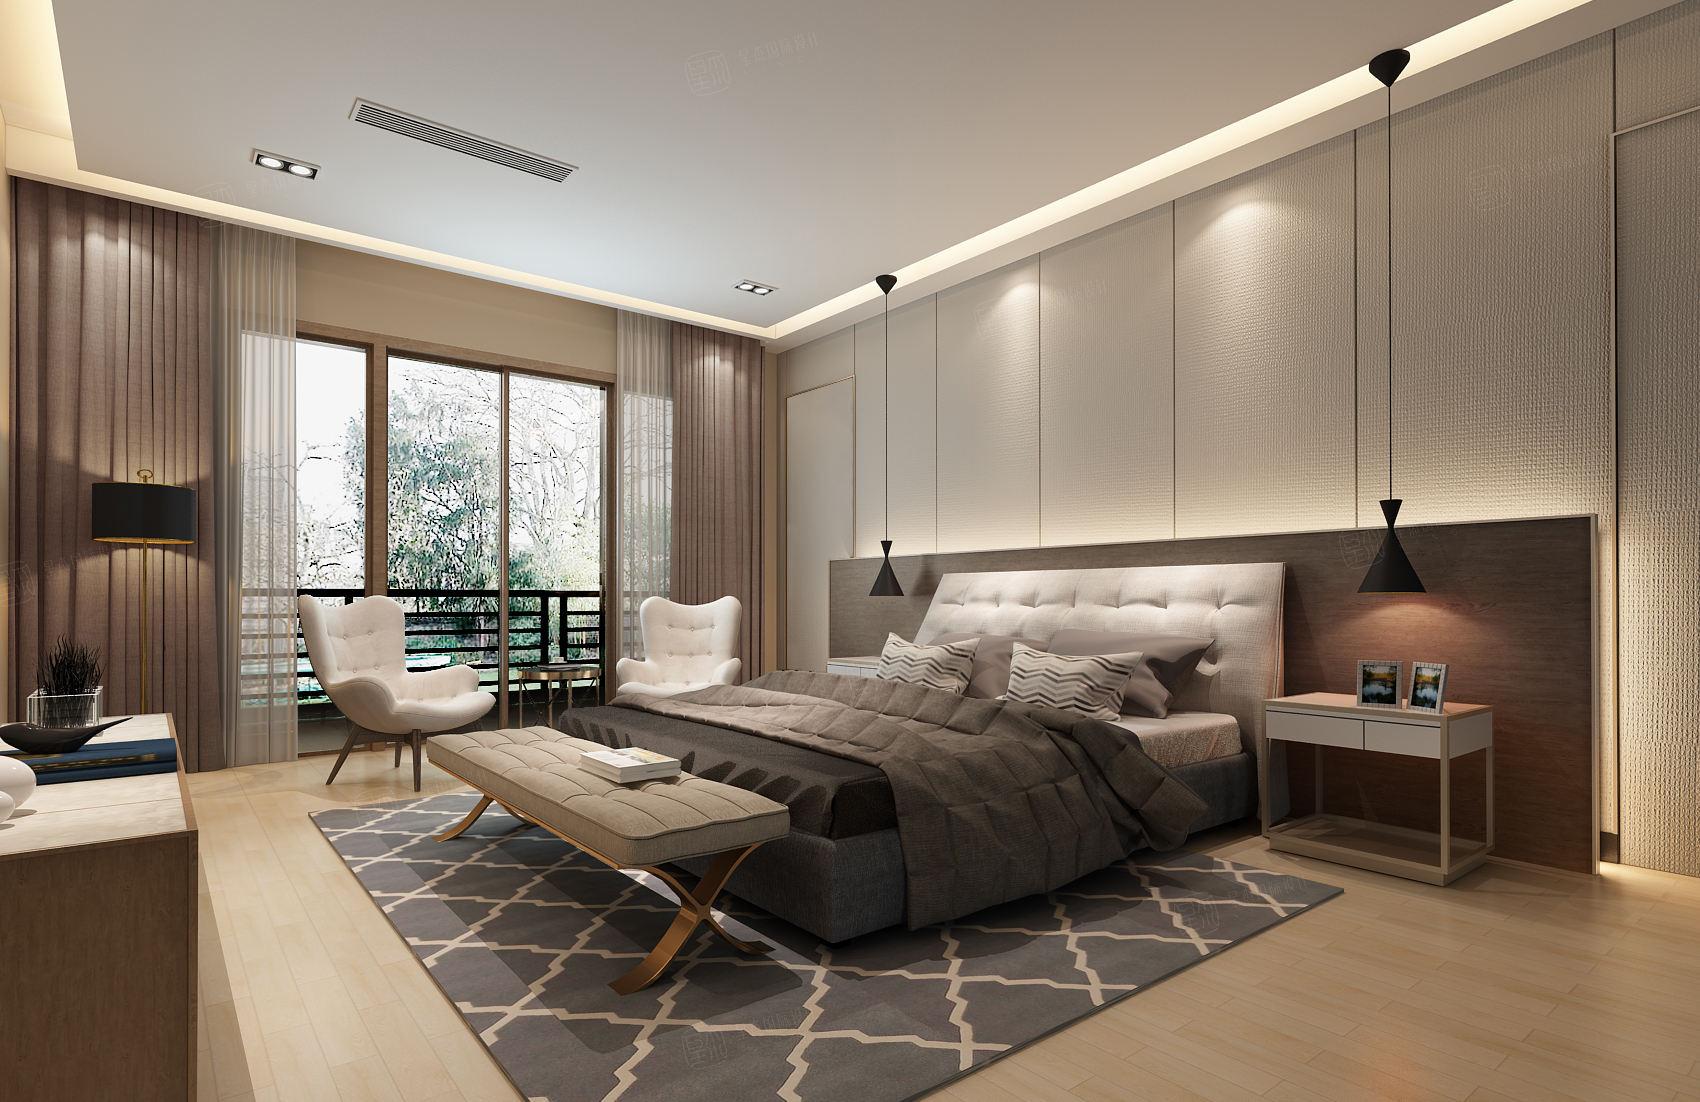 中邦上海城 现代简约装修卧室效果图